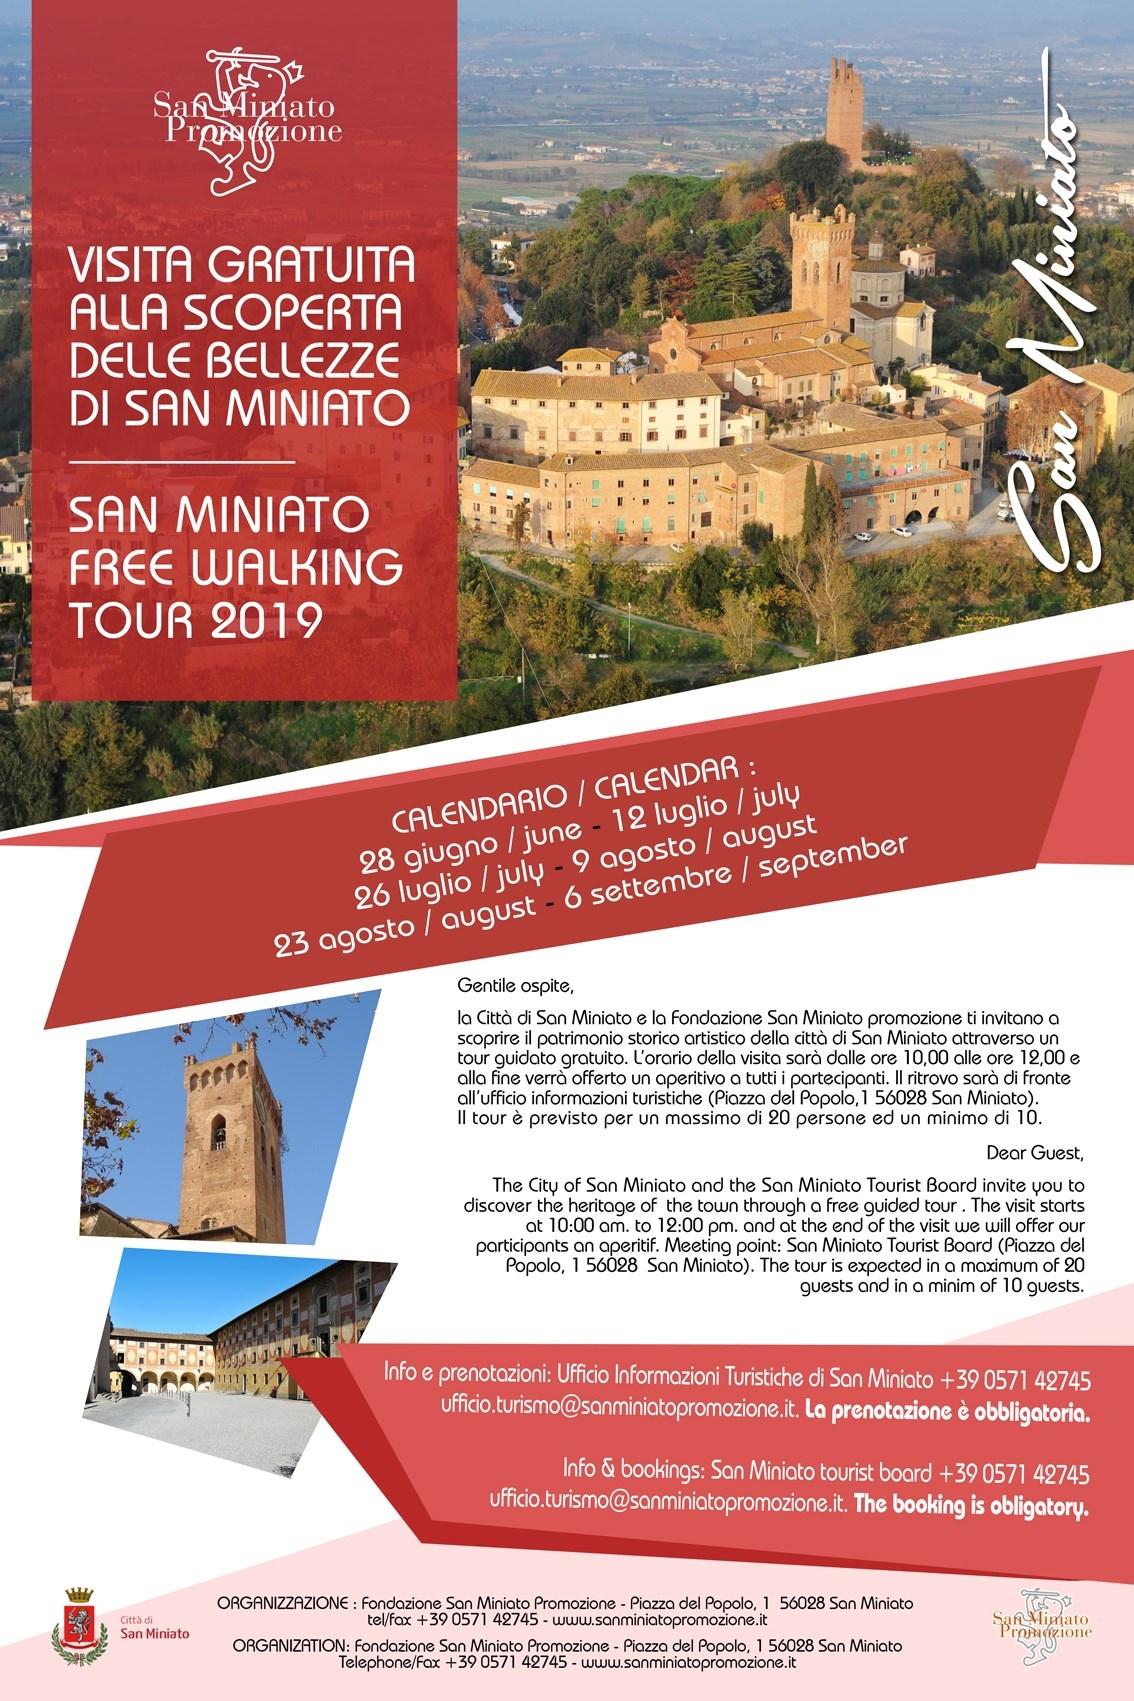 San Miniato Free Walking Tour – Passeggiata gratuita